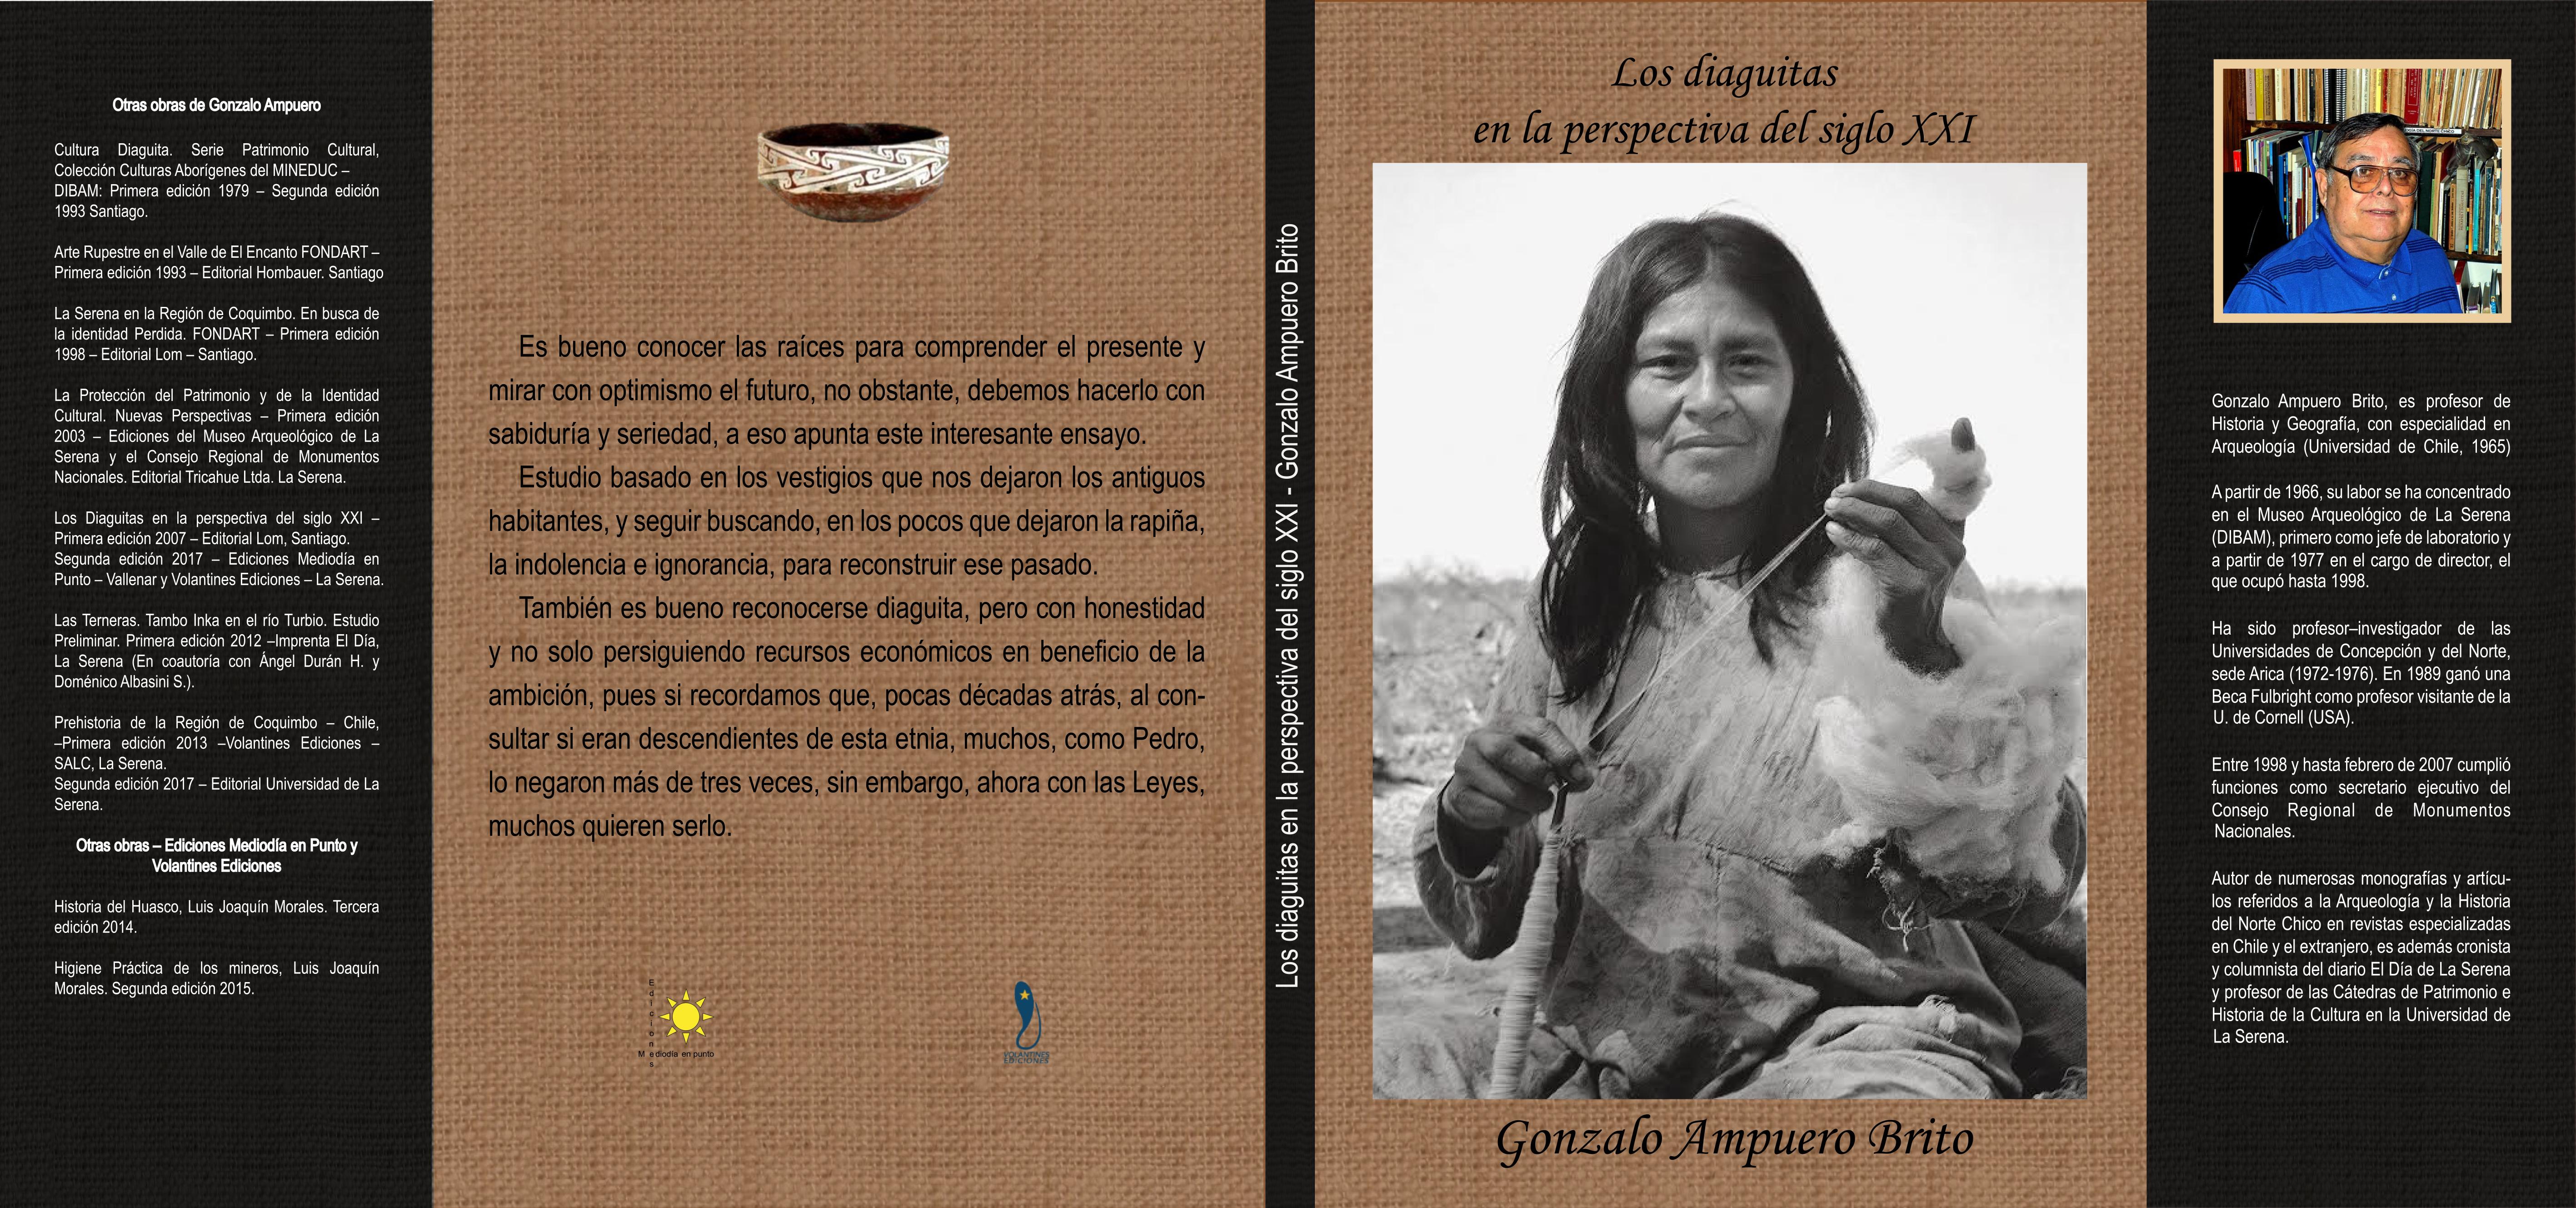 Editorial Mediodía en Punto presentará libro sobre Diaguitas